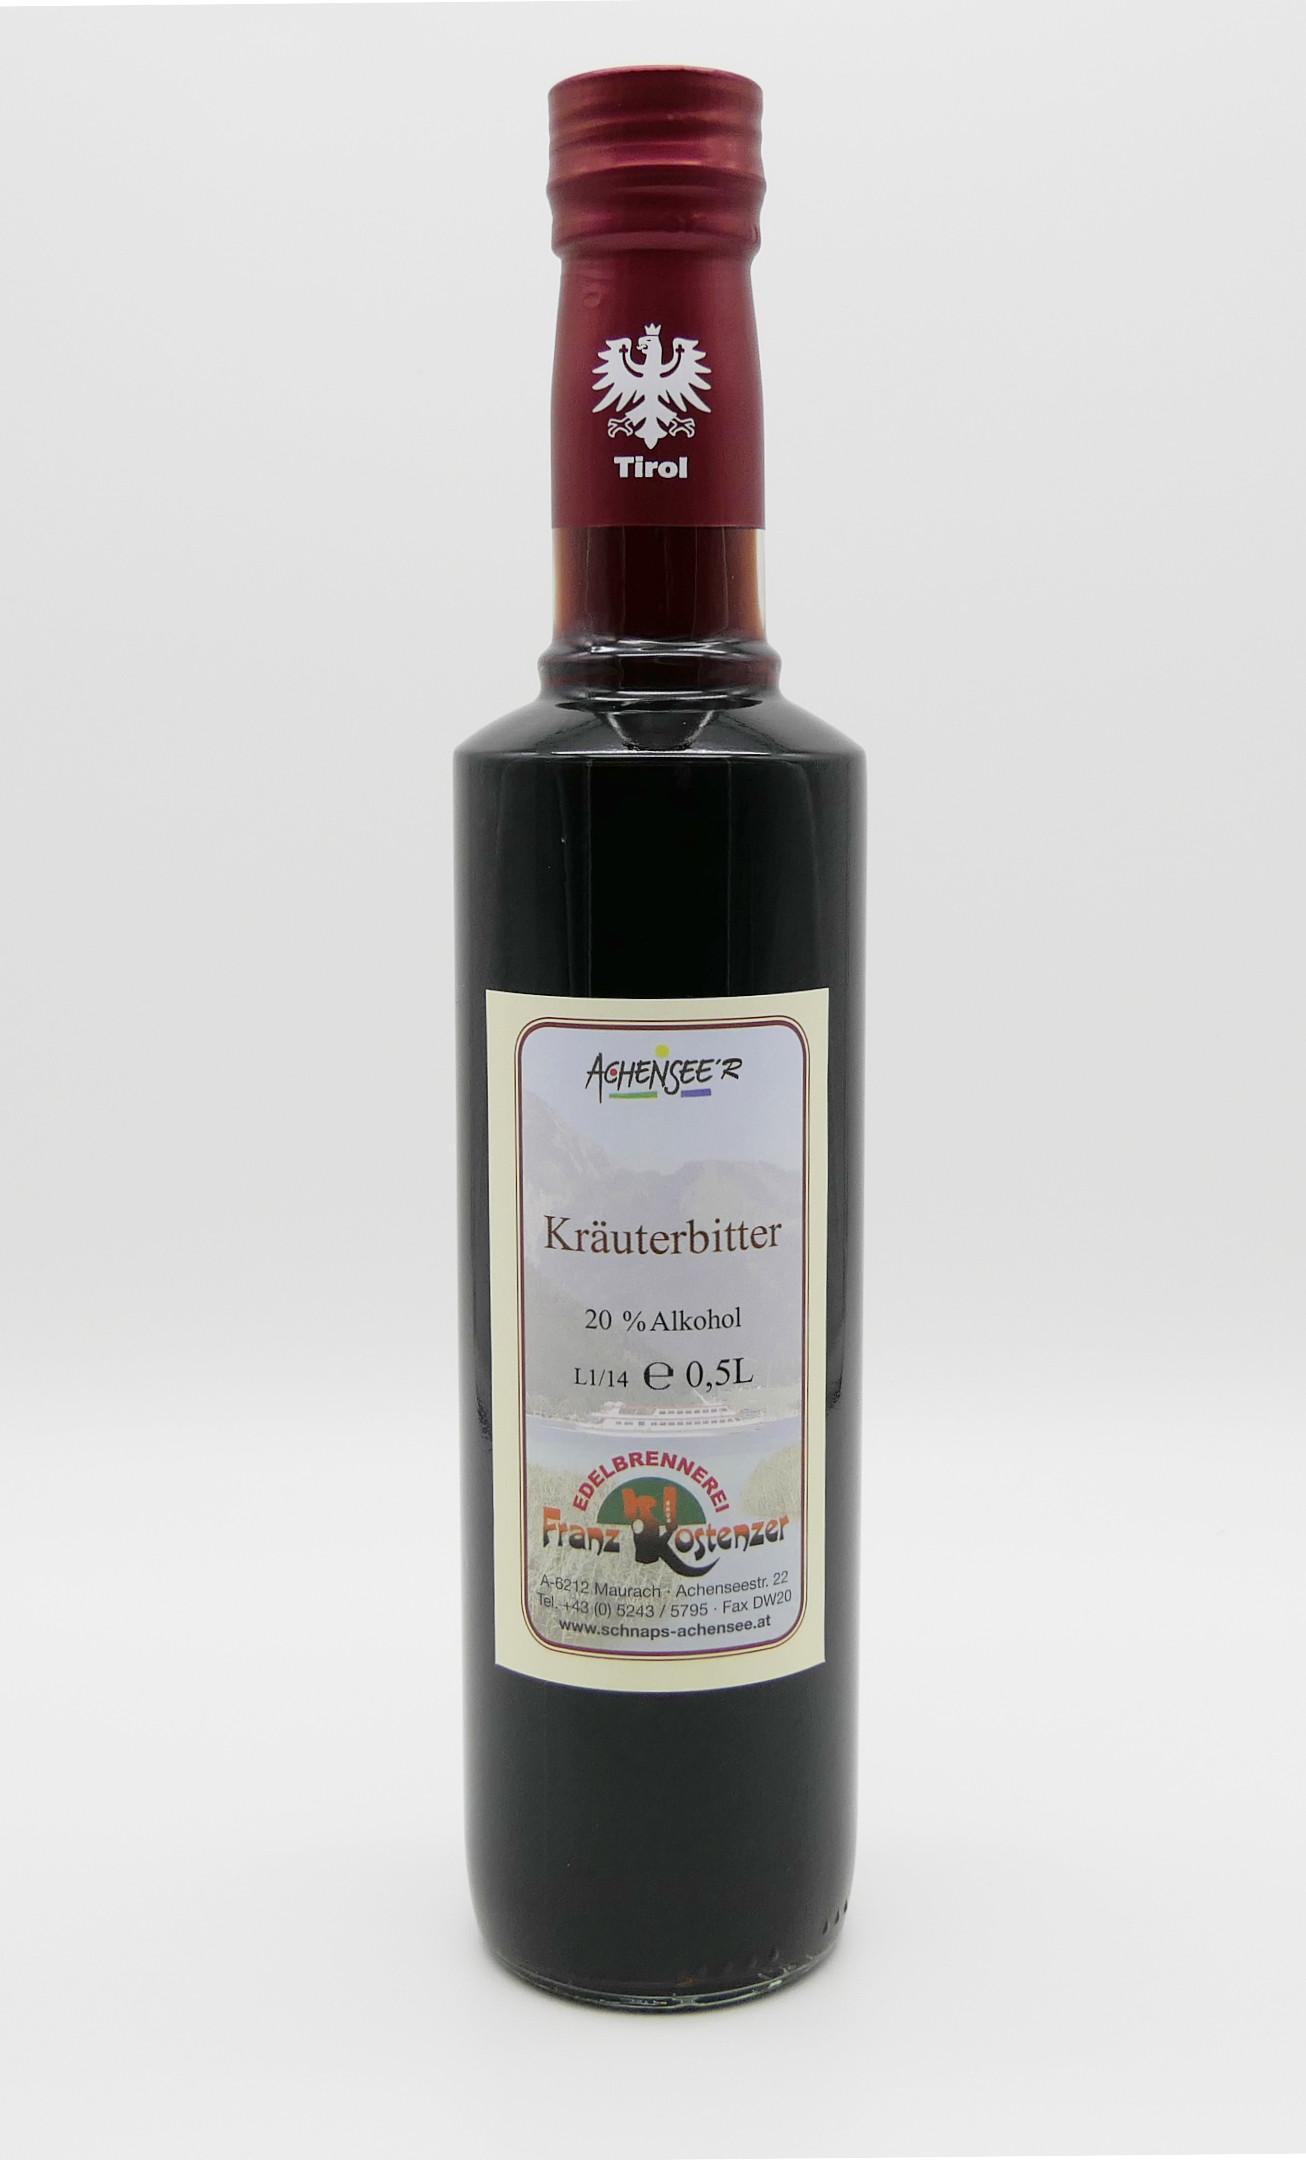 Achensee'r Kräuterbitter Spirituose